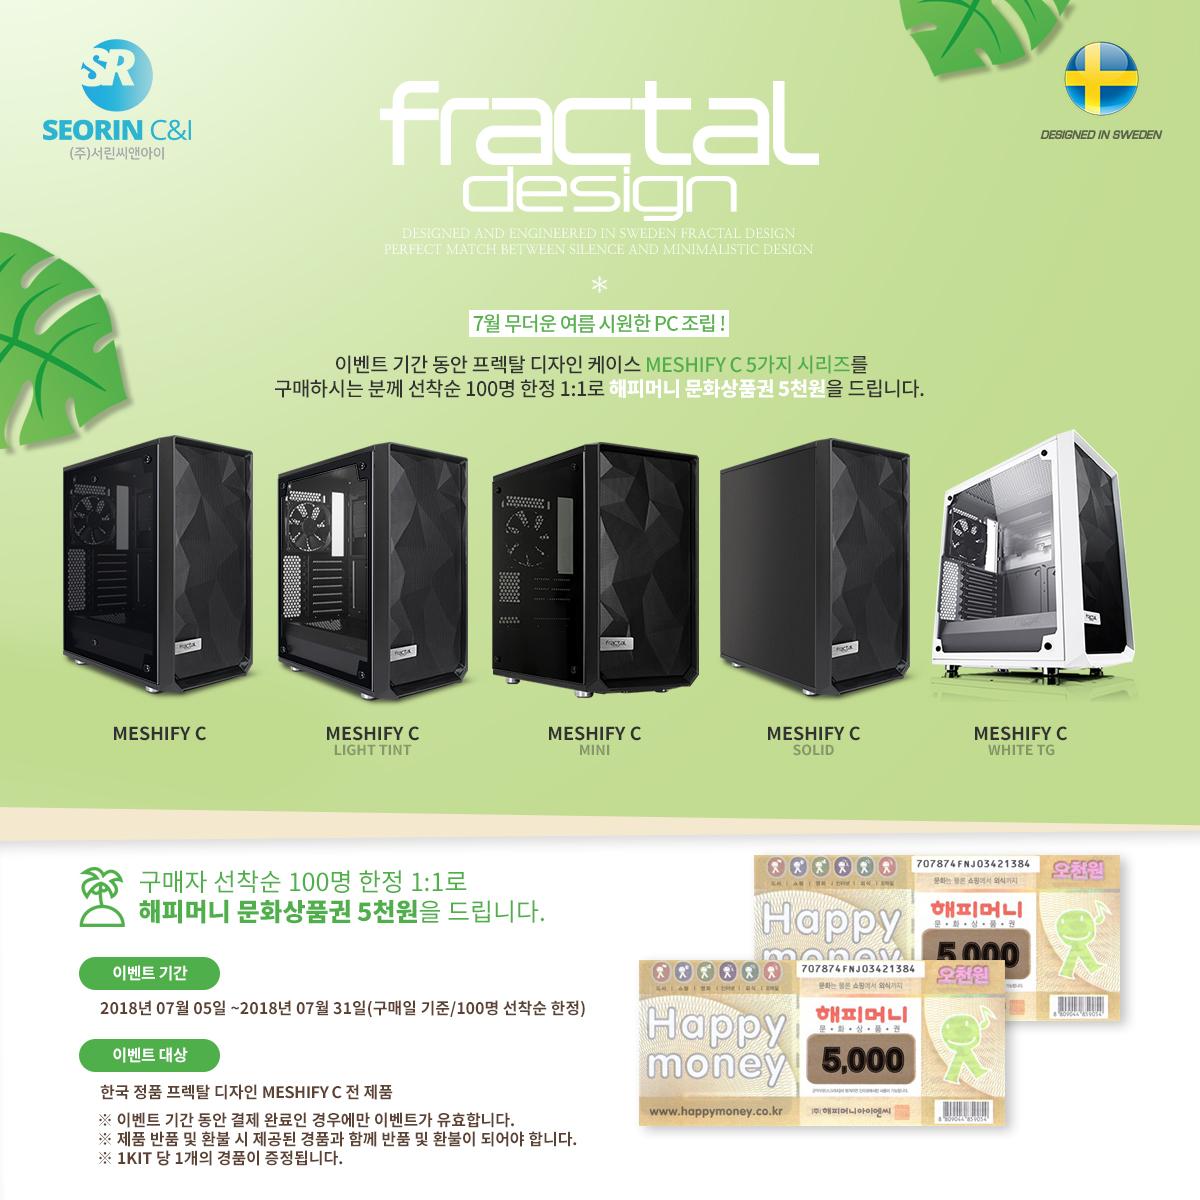 (주)서린씨앤아이 프렉탈디자인 Meshify C 시리즈 5종 구매자 100명 해피머니 상품권 증정 이벤트!